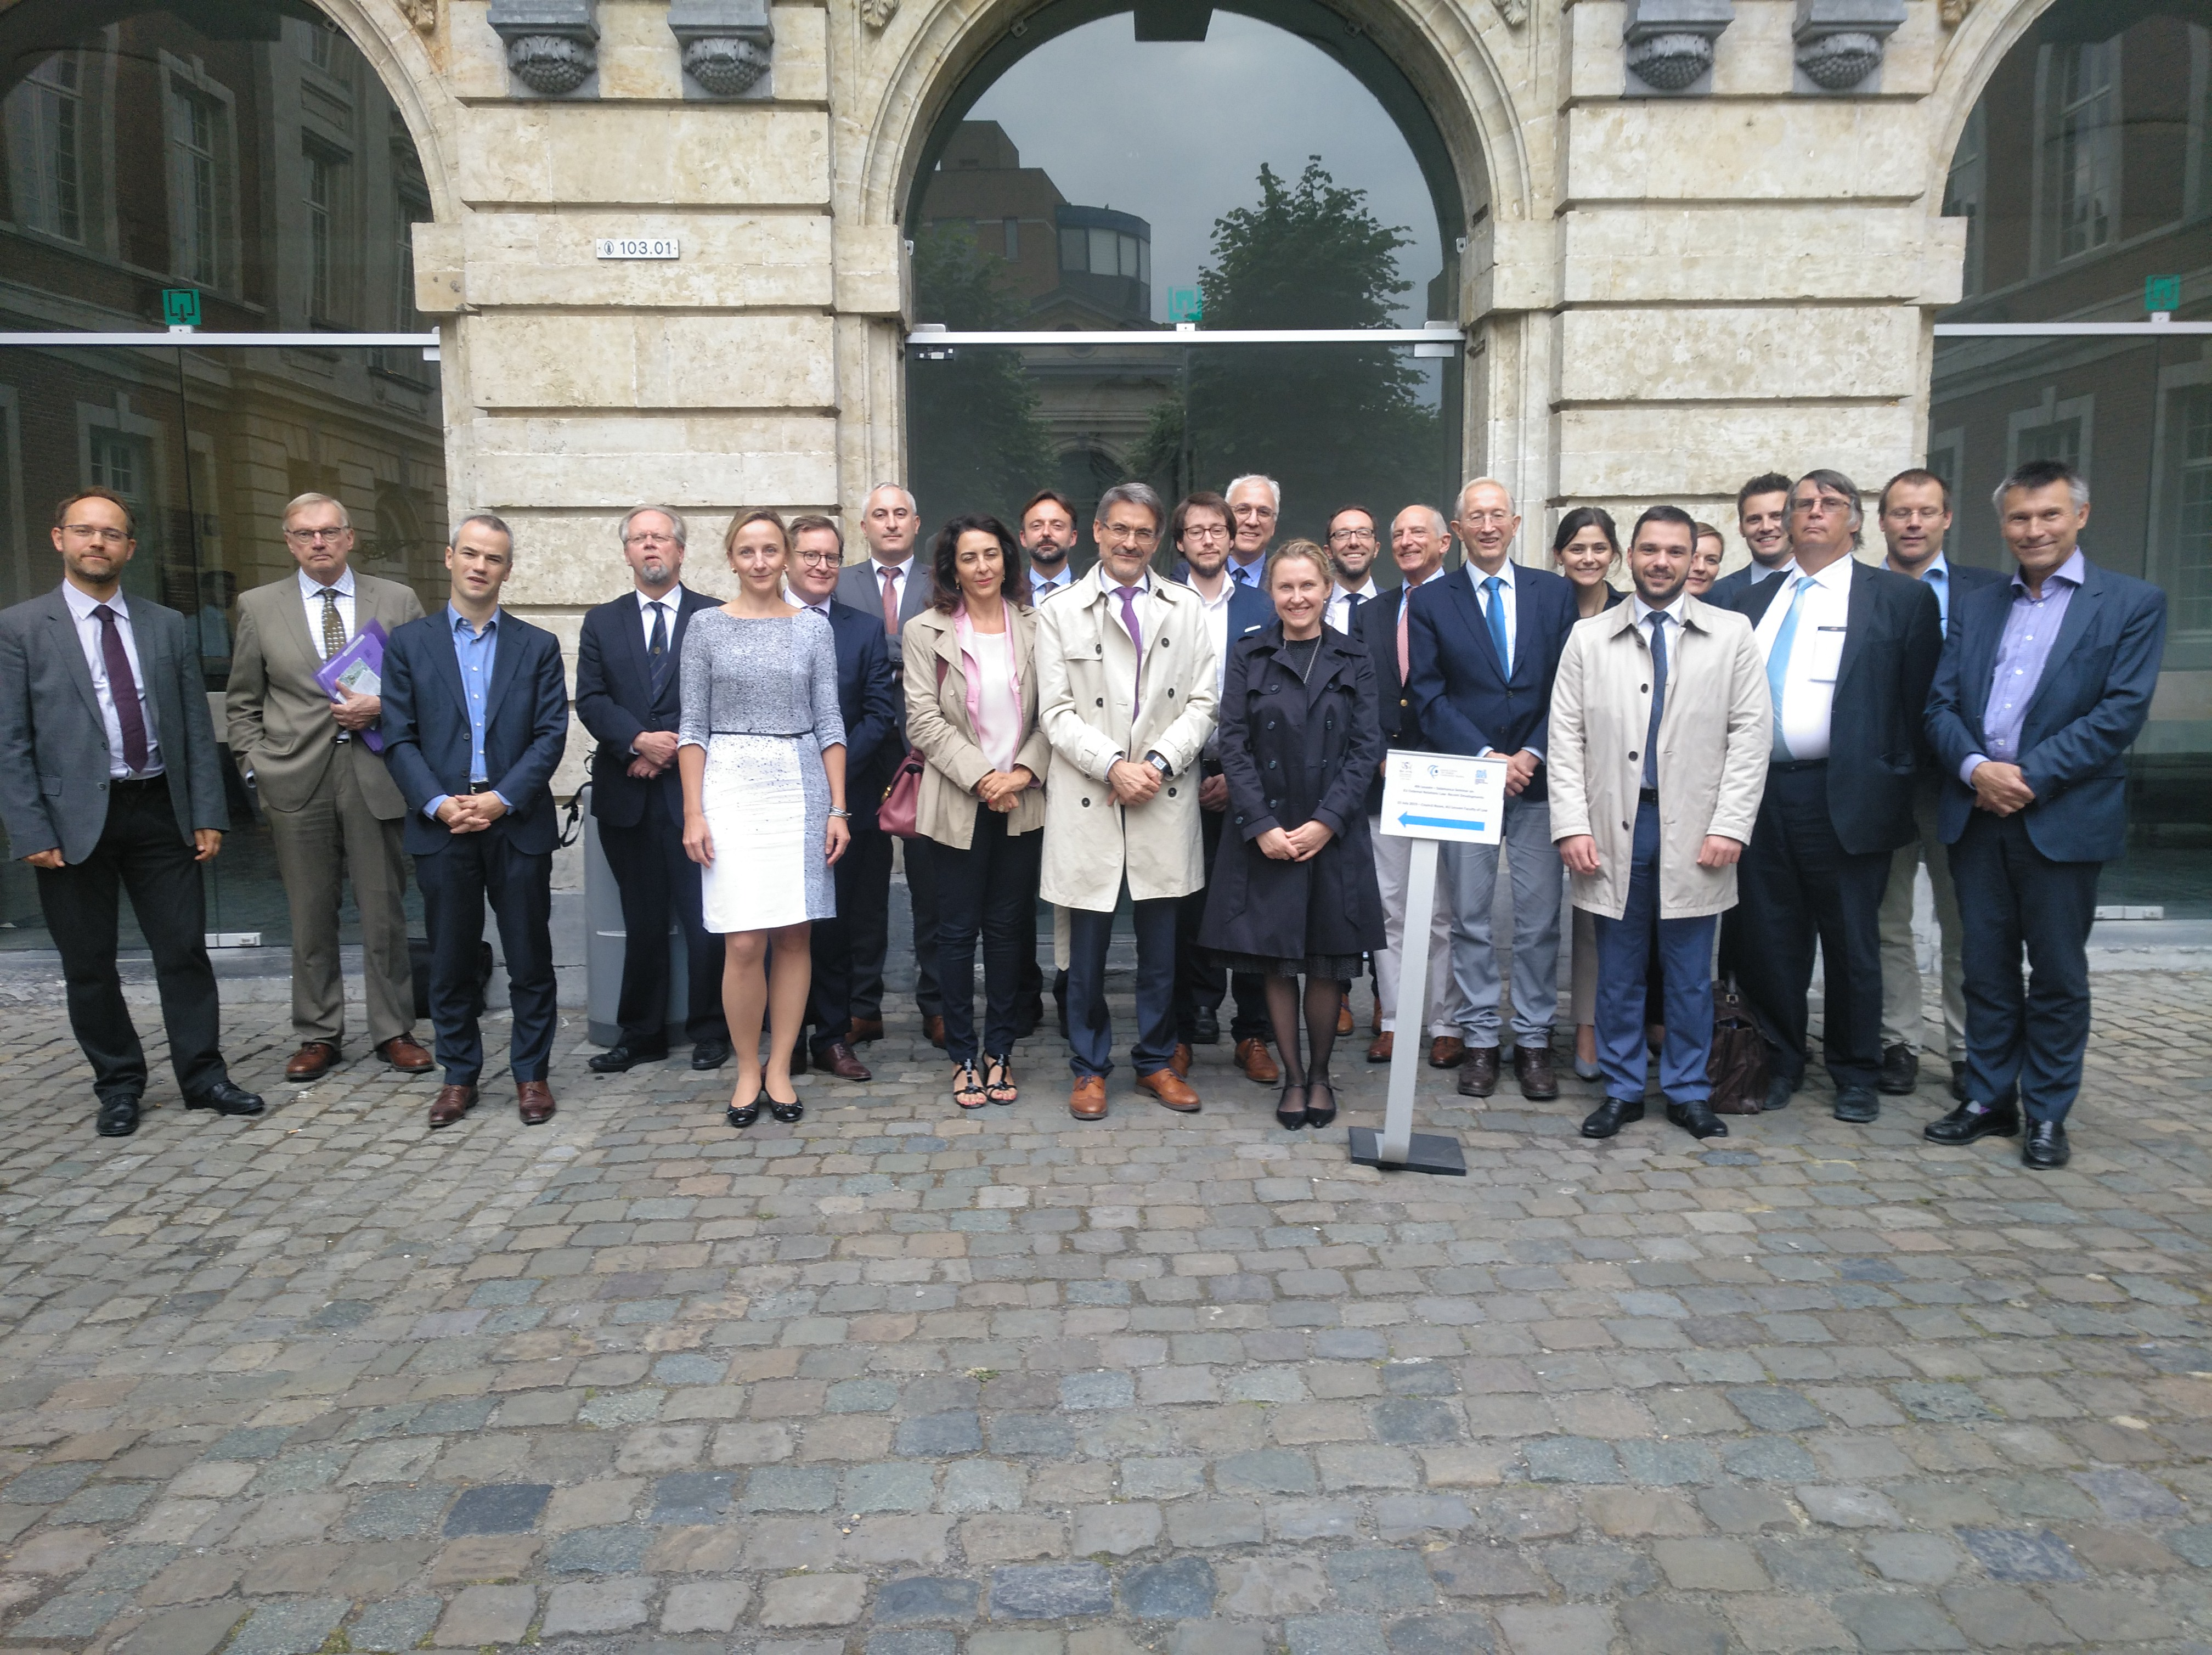 Las universidades de Salamanca y Lovaina (Bélgica) analizan en un seminario las relaciones exteriores de la Unión Europea